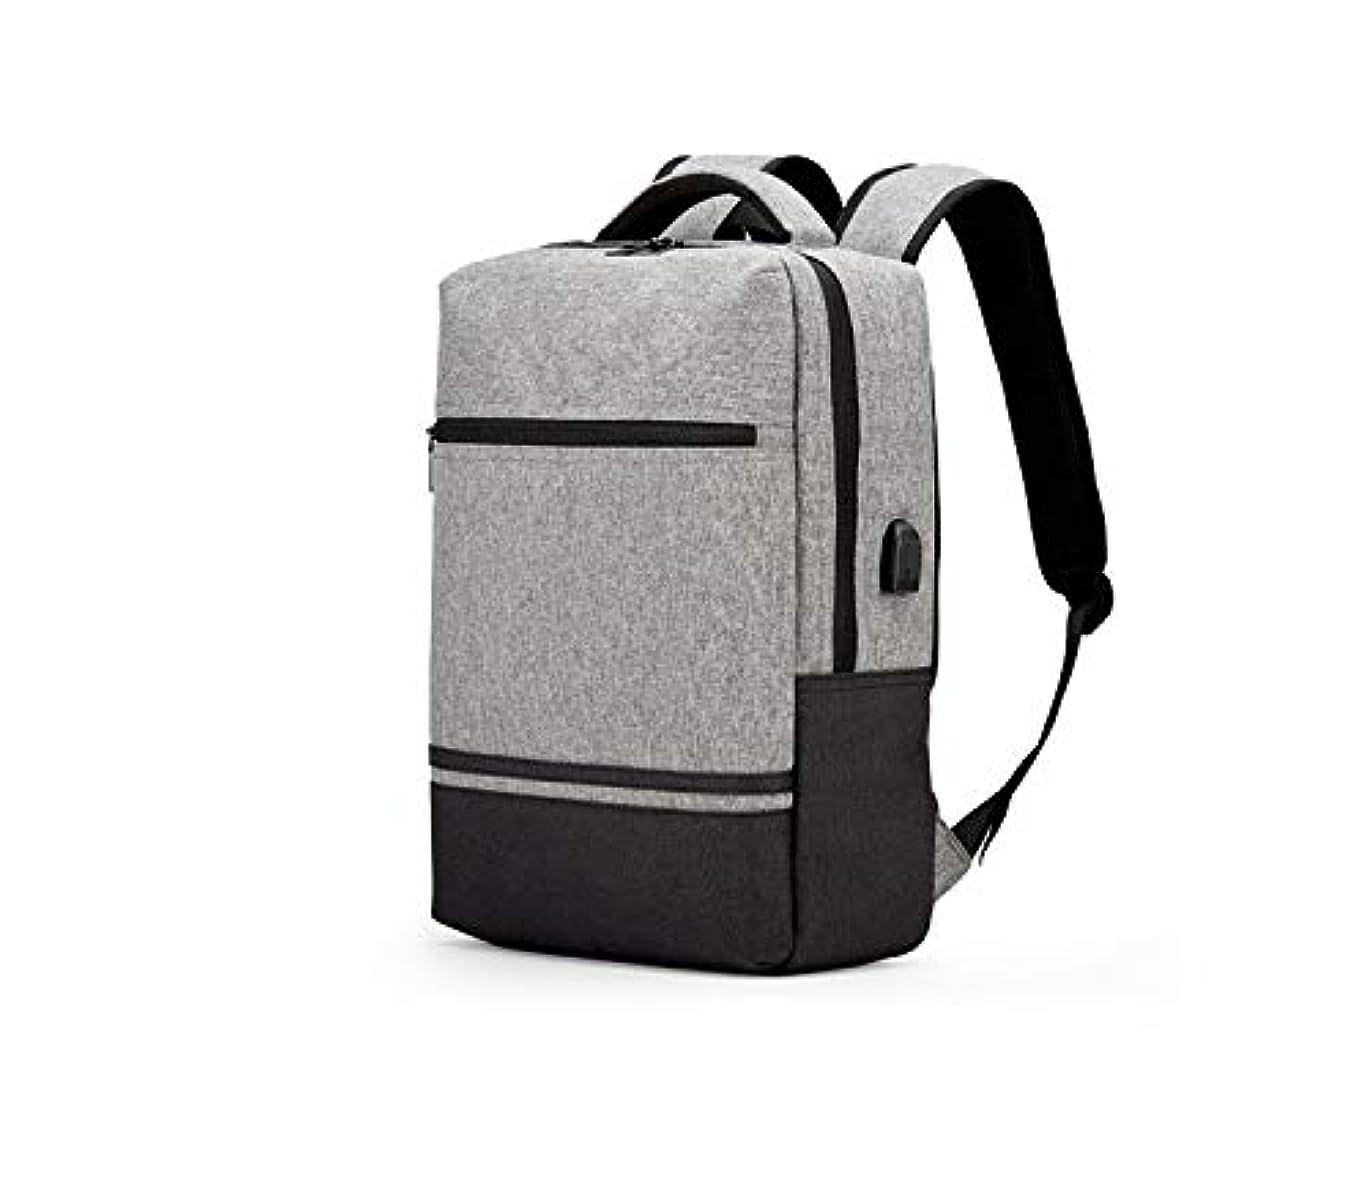 着服運動聖歌Javei 携帯用箱を運んでいるペットスペースは透明な網犬の猫袋の携帯用おりを運びます5点 仕様:13 kg以内の猫または10 kg以内の犬の使用をお勧めします (ブルー)